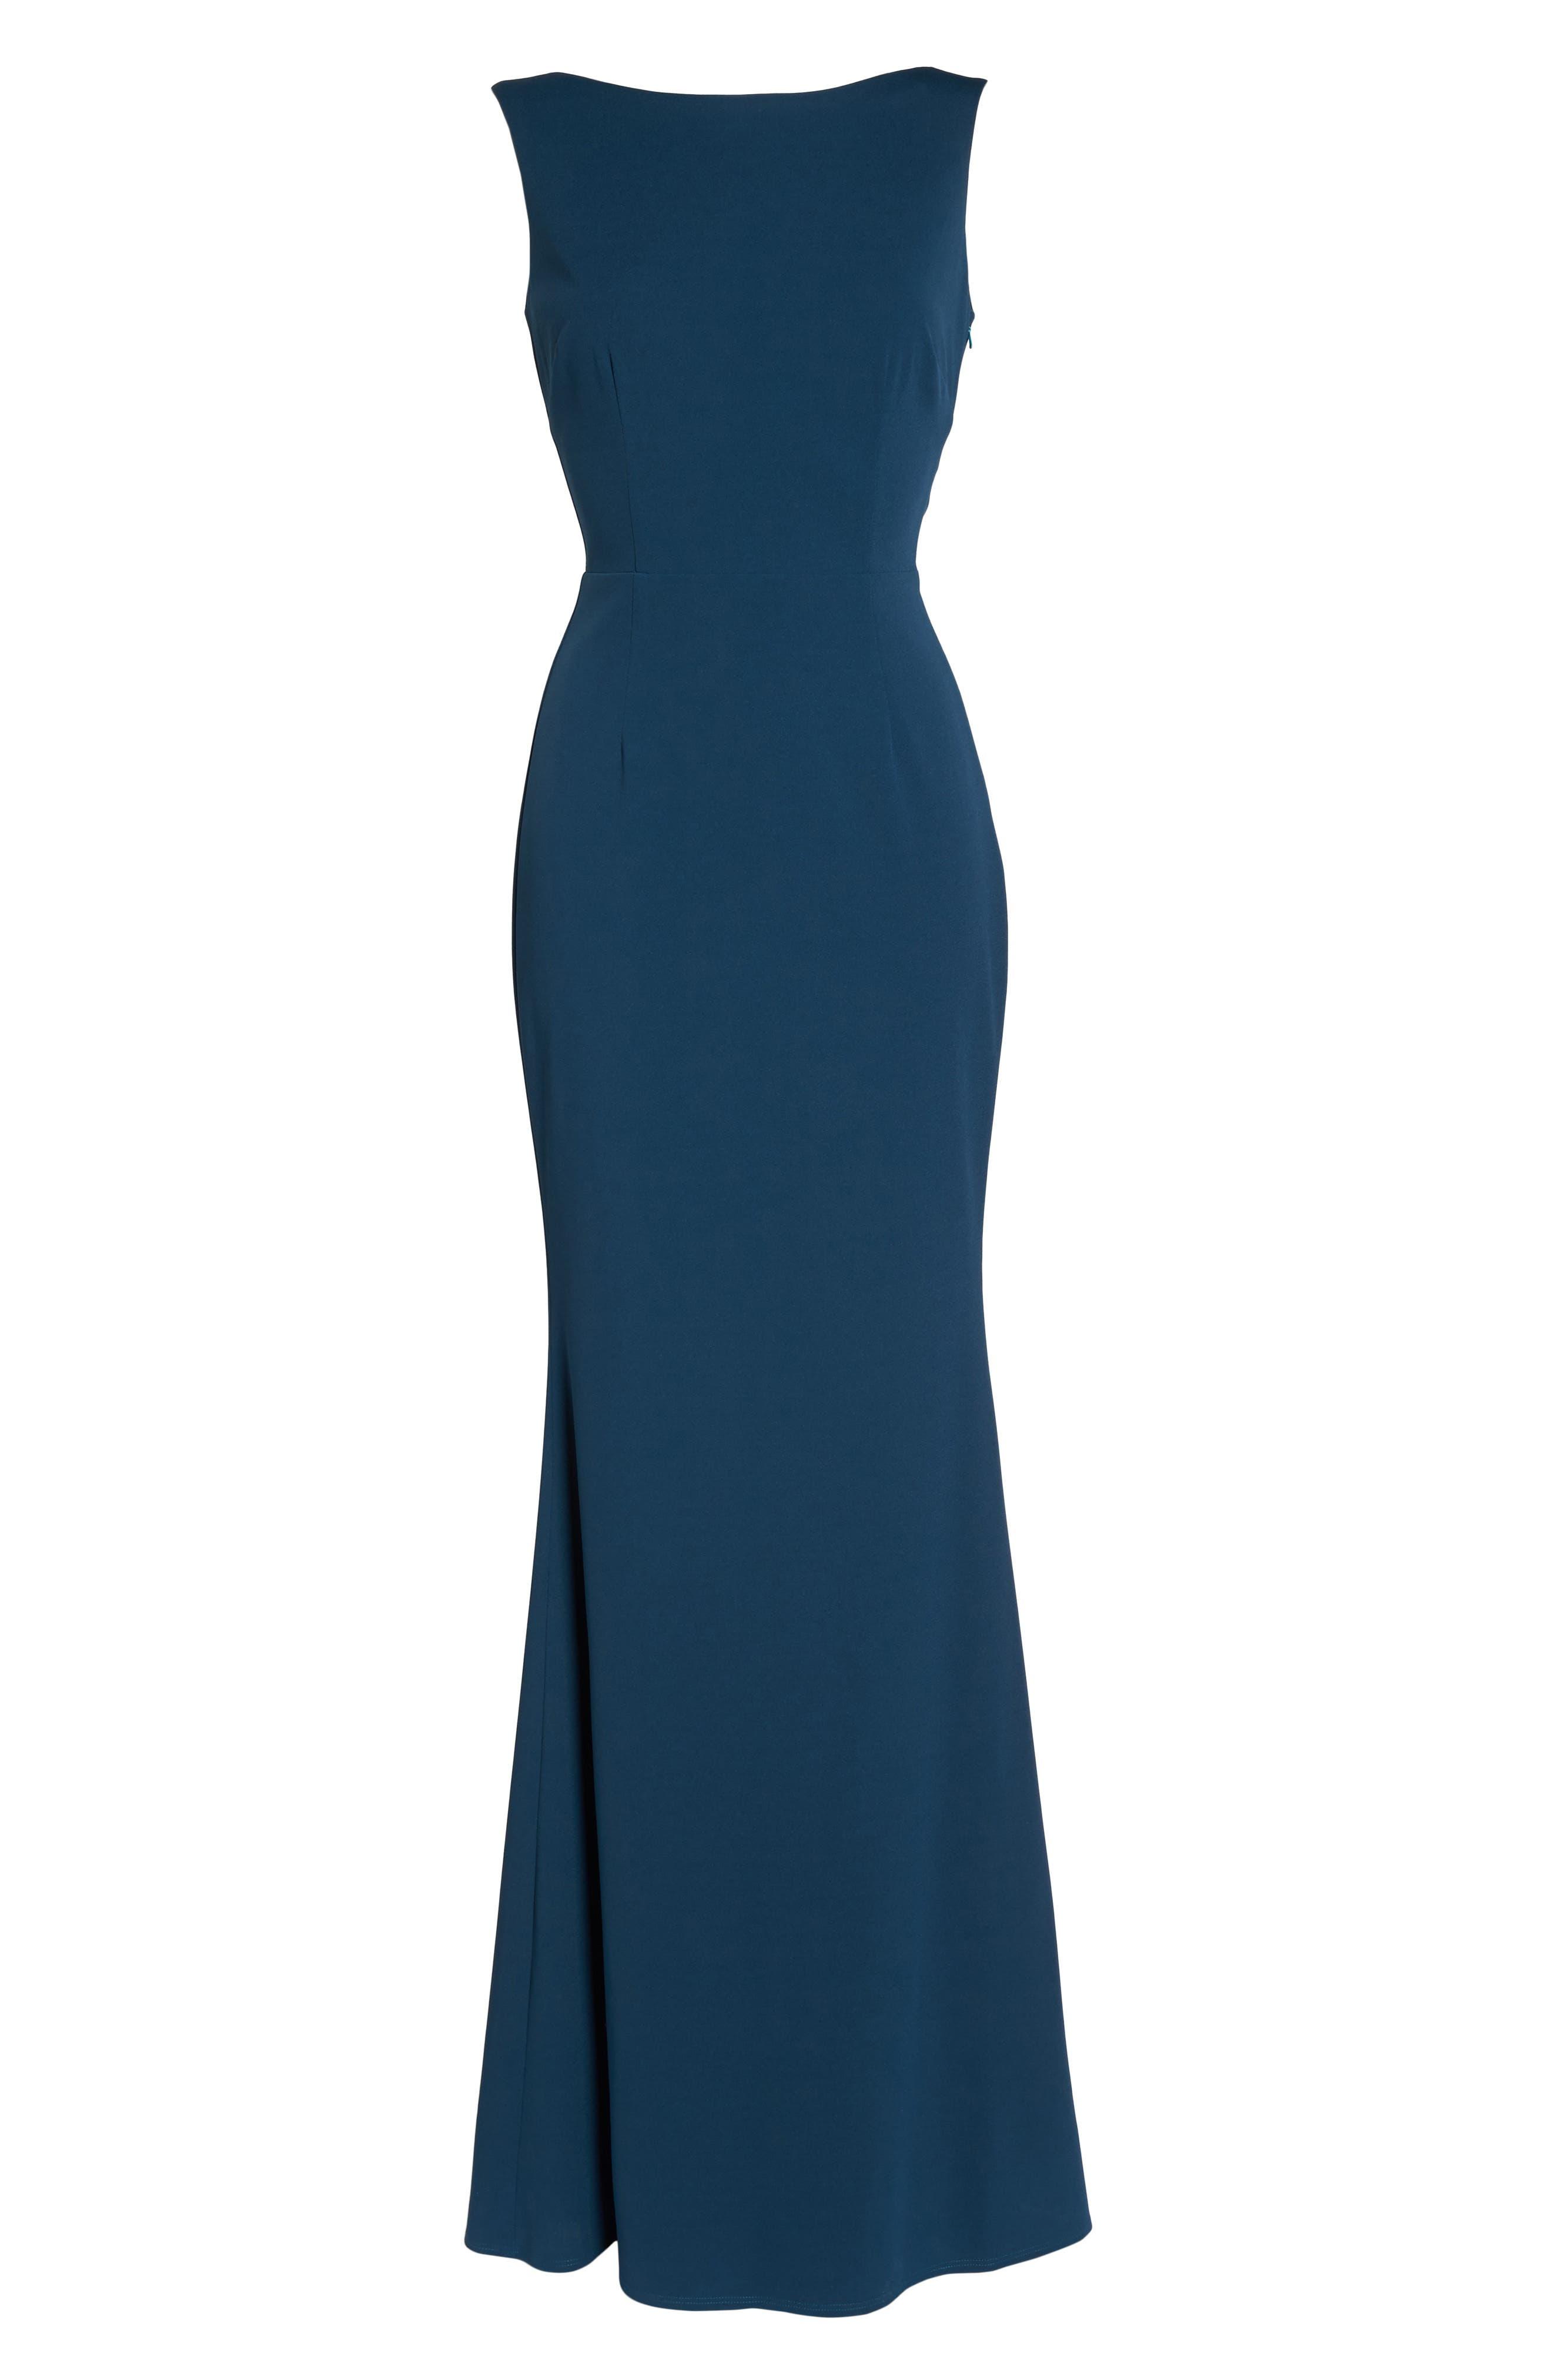 Vionnet Drape Back Crepe Gown,                             Alternate thumbnail 6, color,                             TEAL